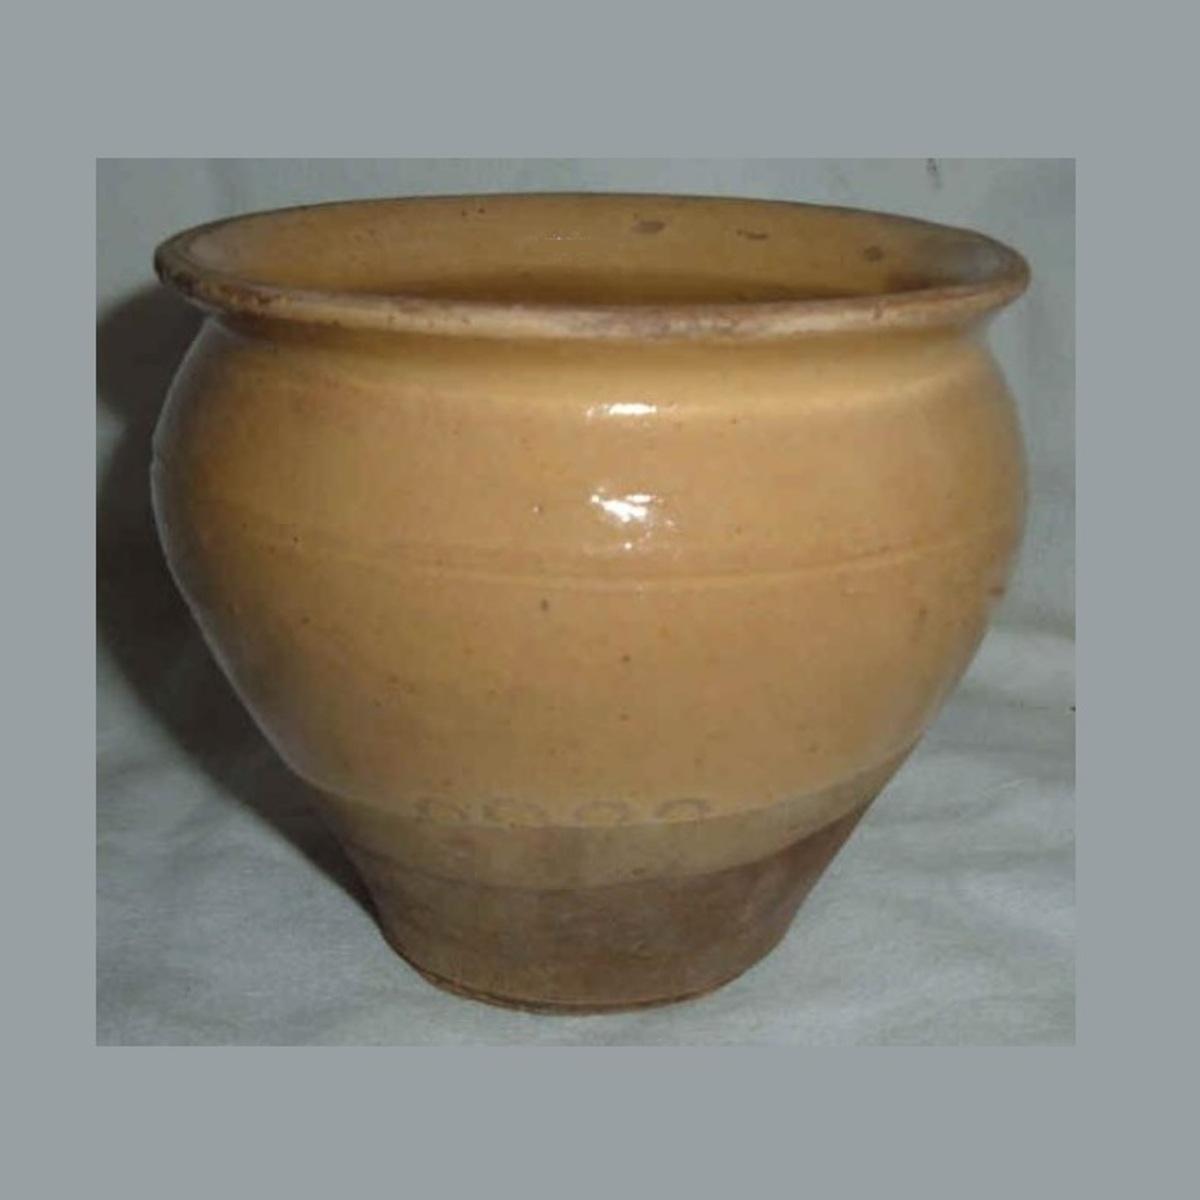 Ancien pot a confiture conique en gres vernisse jaune paille et gres brut ht 8 5cm 3